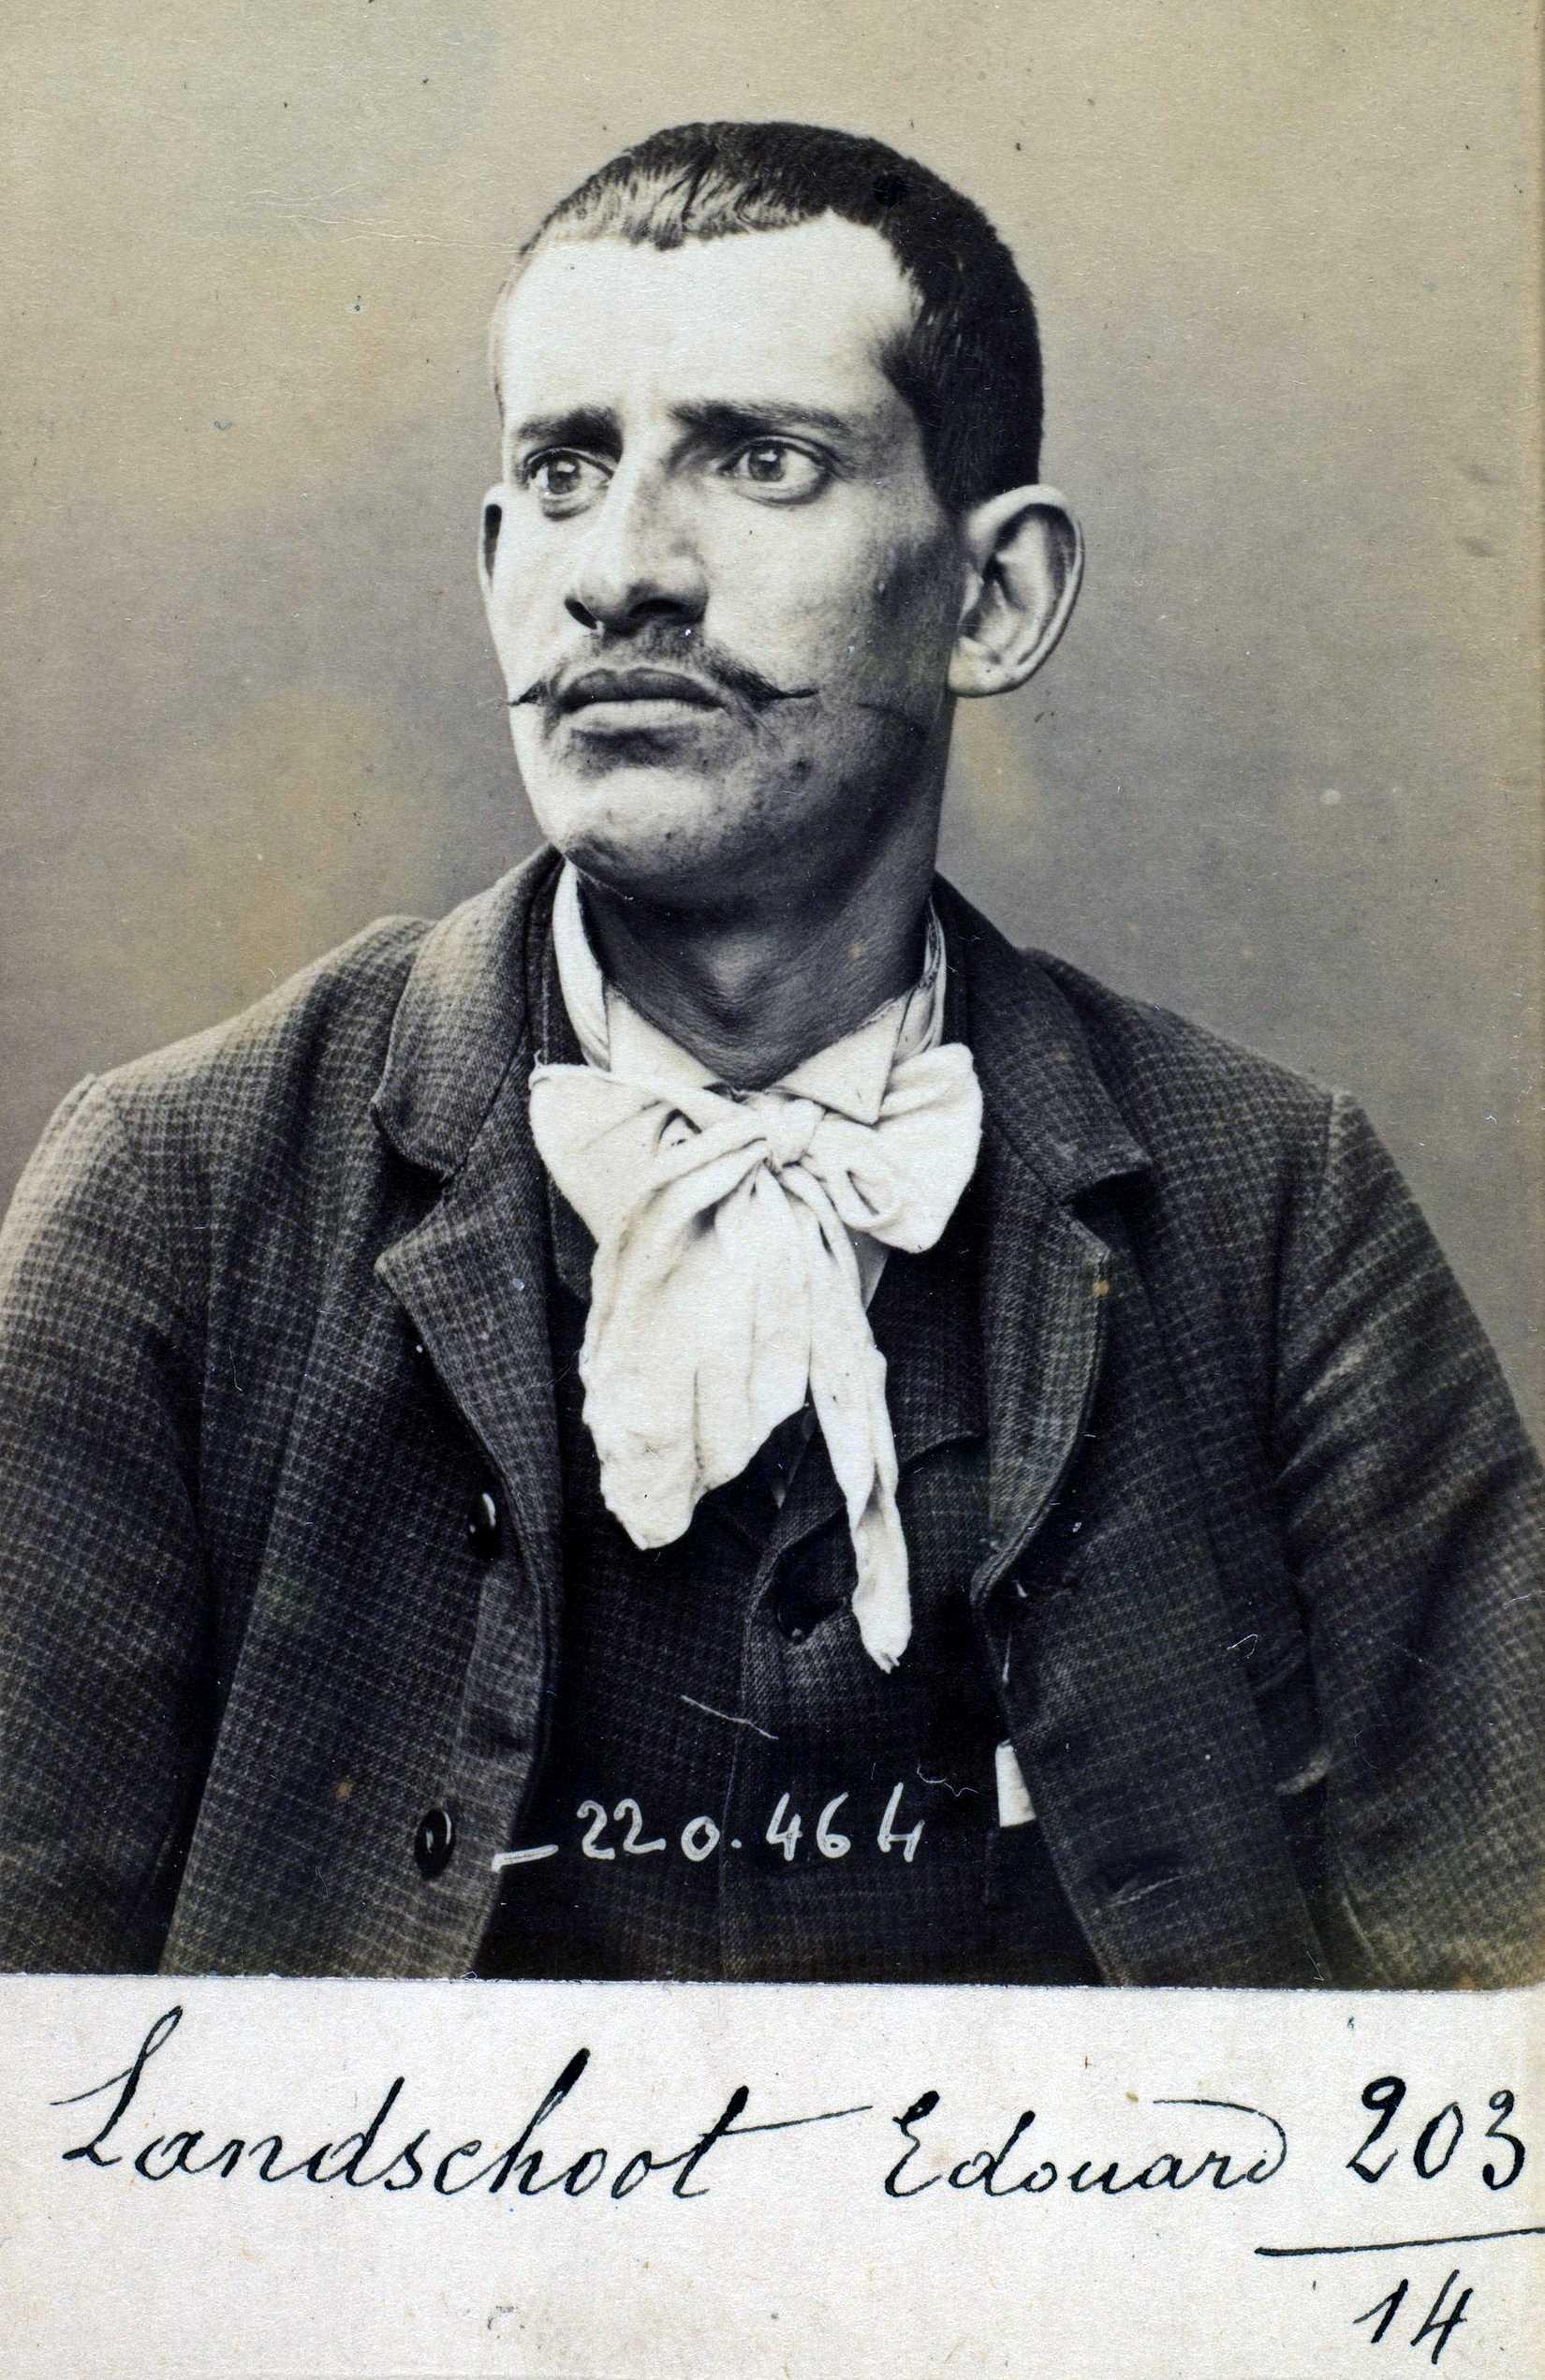 Foto policíaca d'Edouard Landschoot (2 de juliol de 1894)